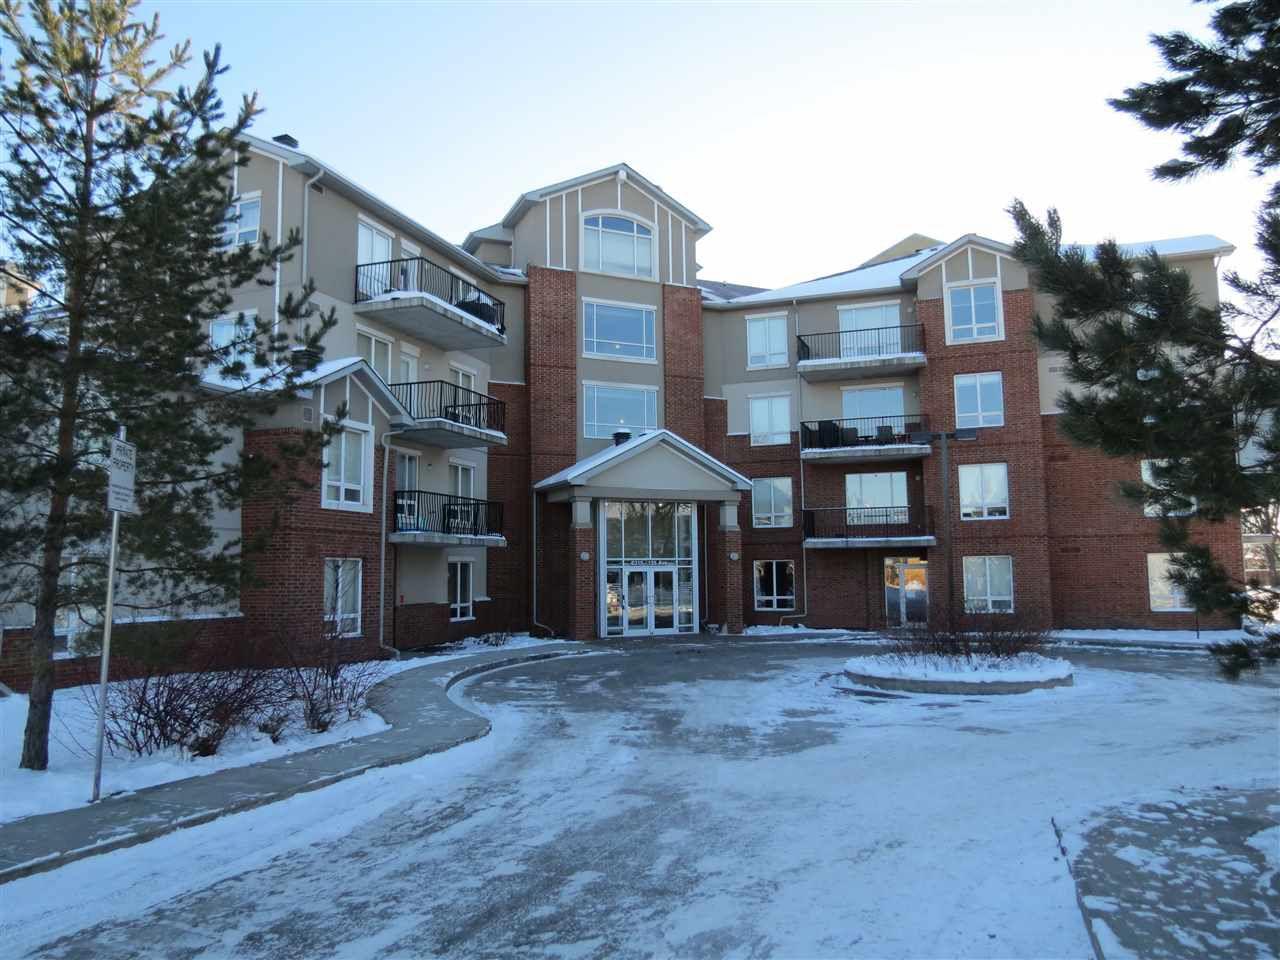 Main Photo: 227 6315 135 Avenue in Edmonton: Zone 02 Condo for sale : MLS®# E4121651